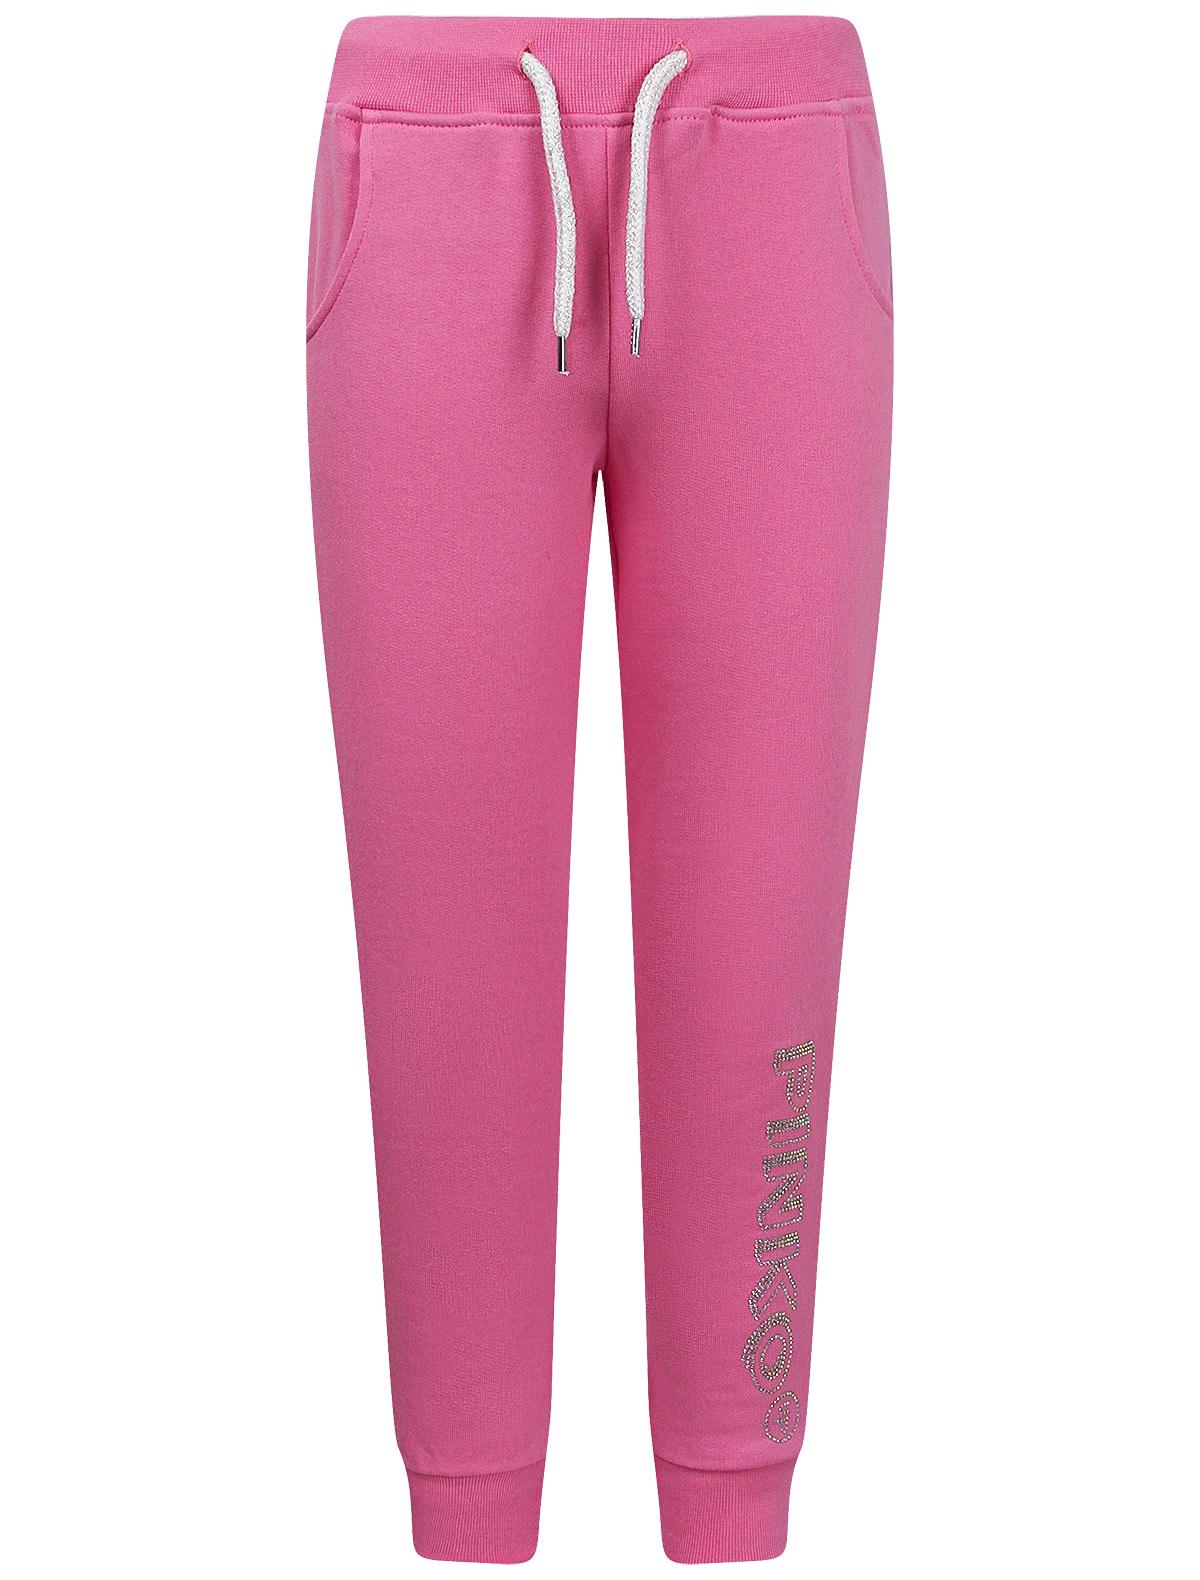 2275874, Брюки спортивные Pinko Up, розовый, Женский, 4244509170666  - купить со скидкой